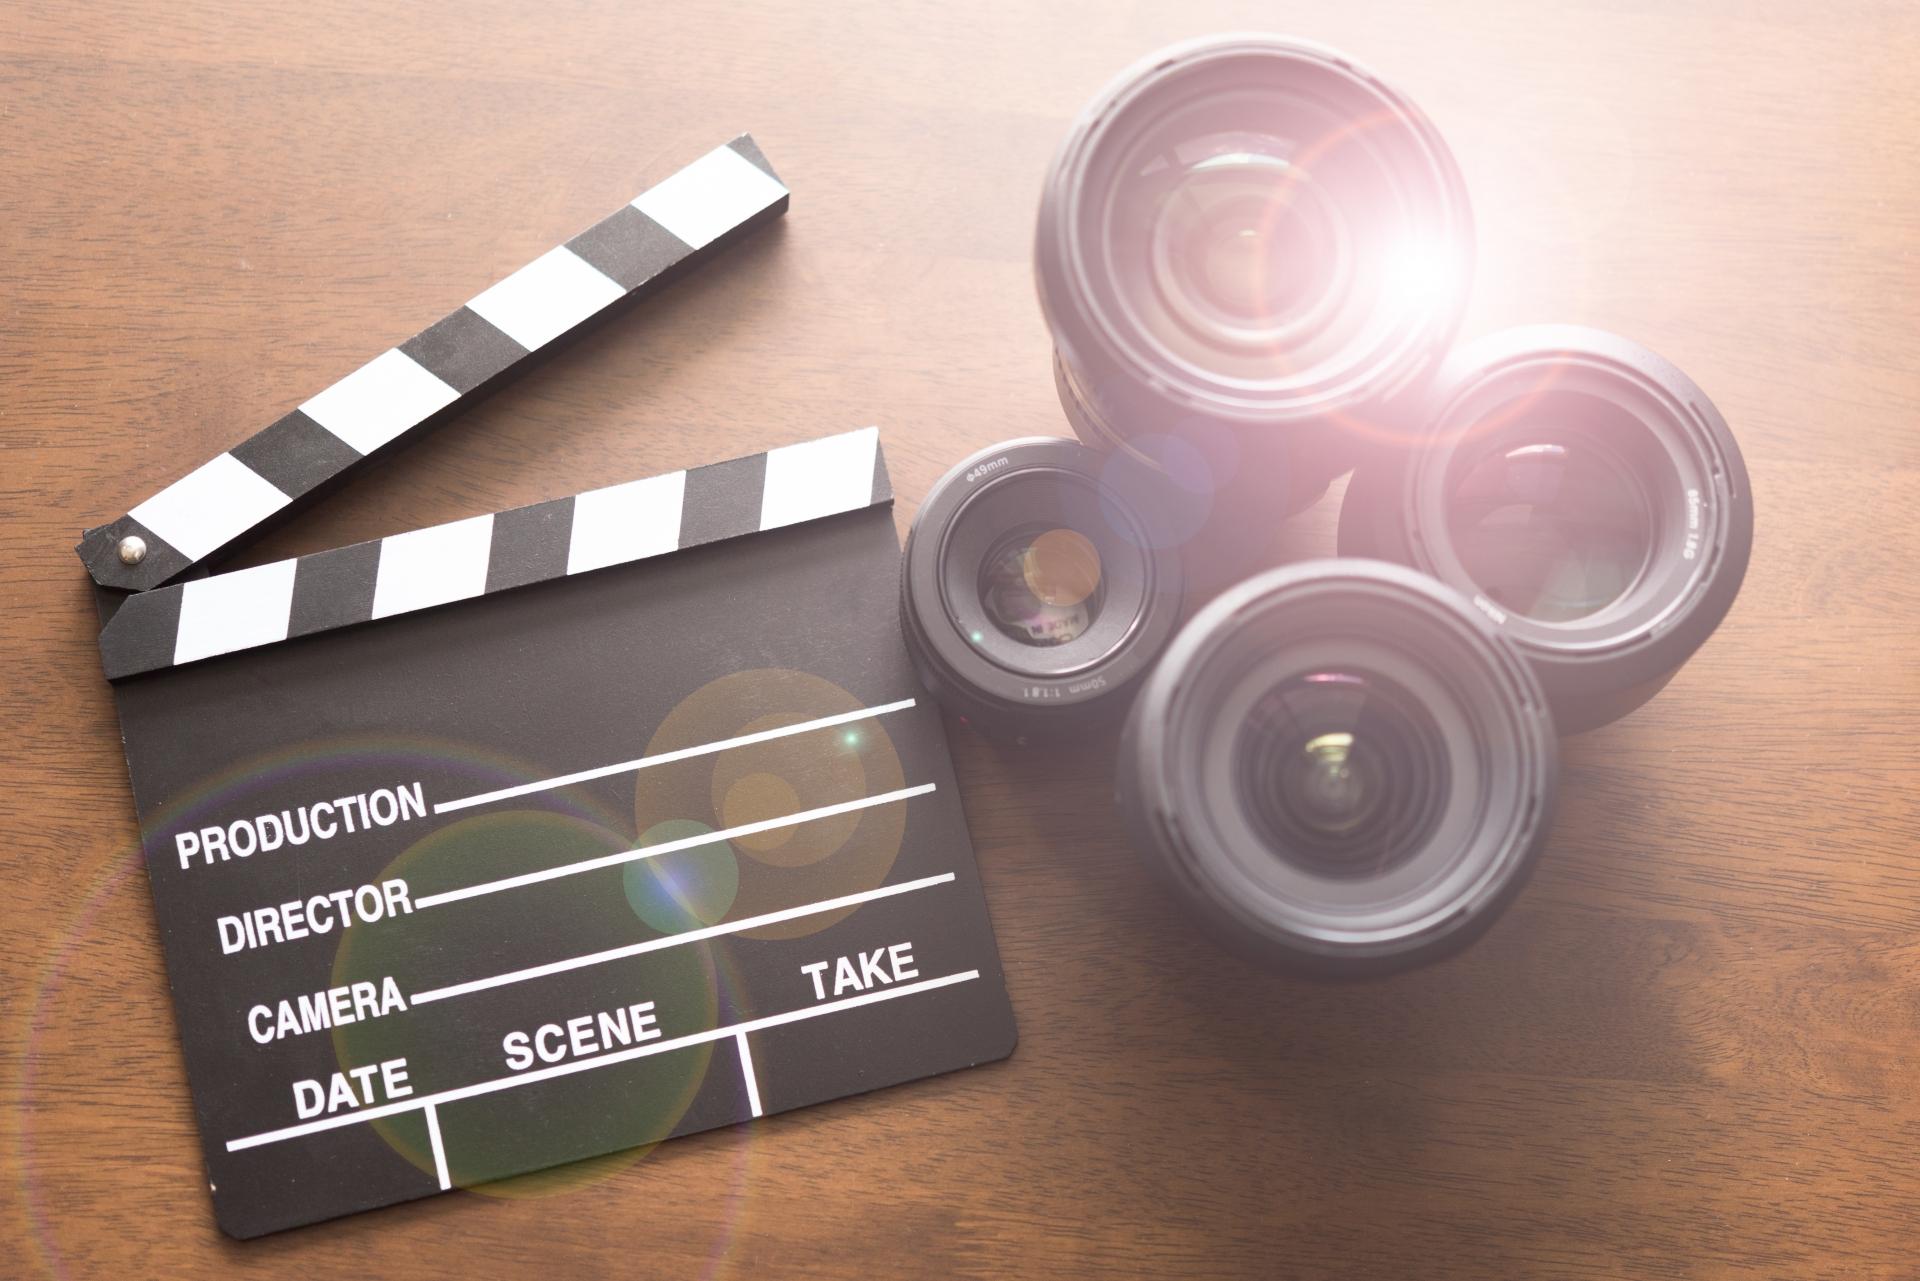 発達障害関連の映画を紹介